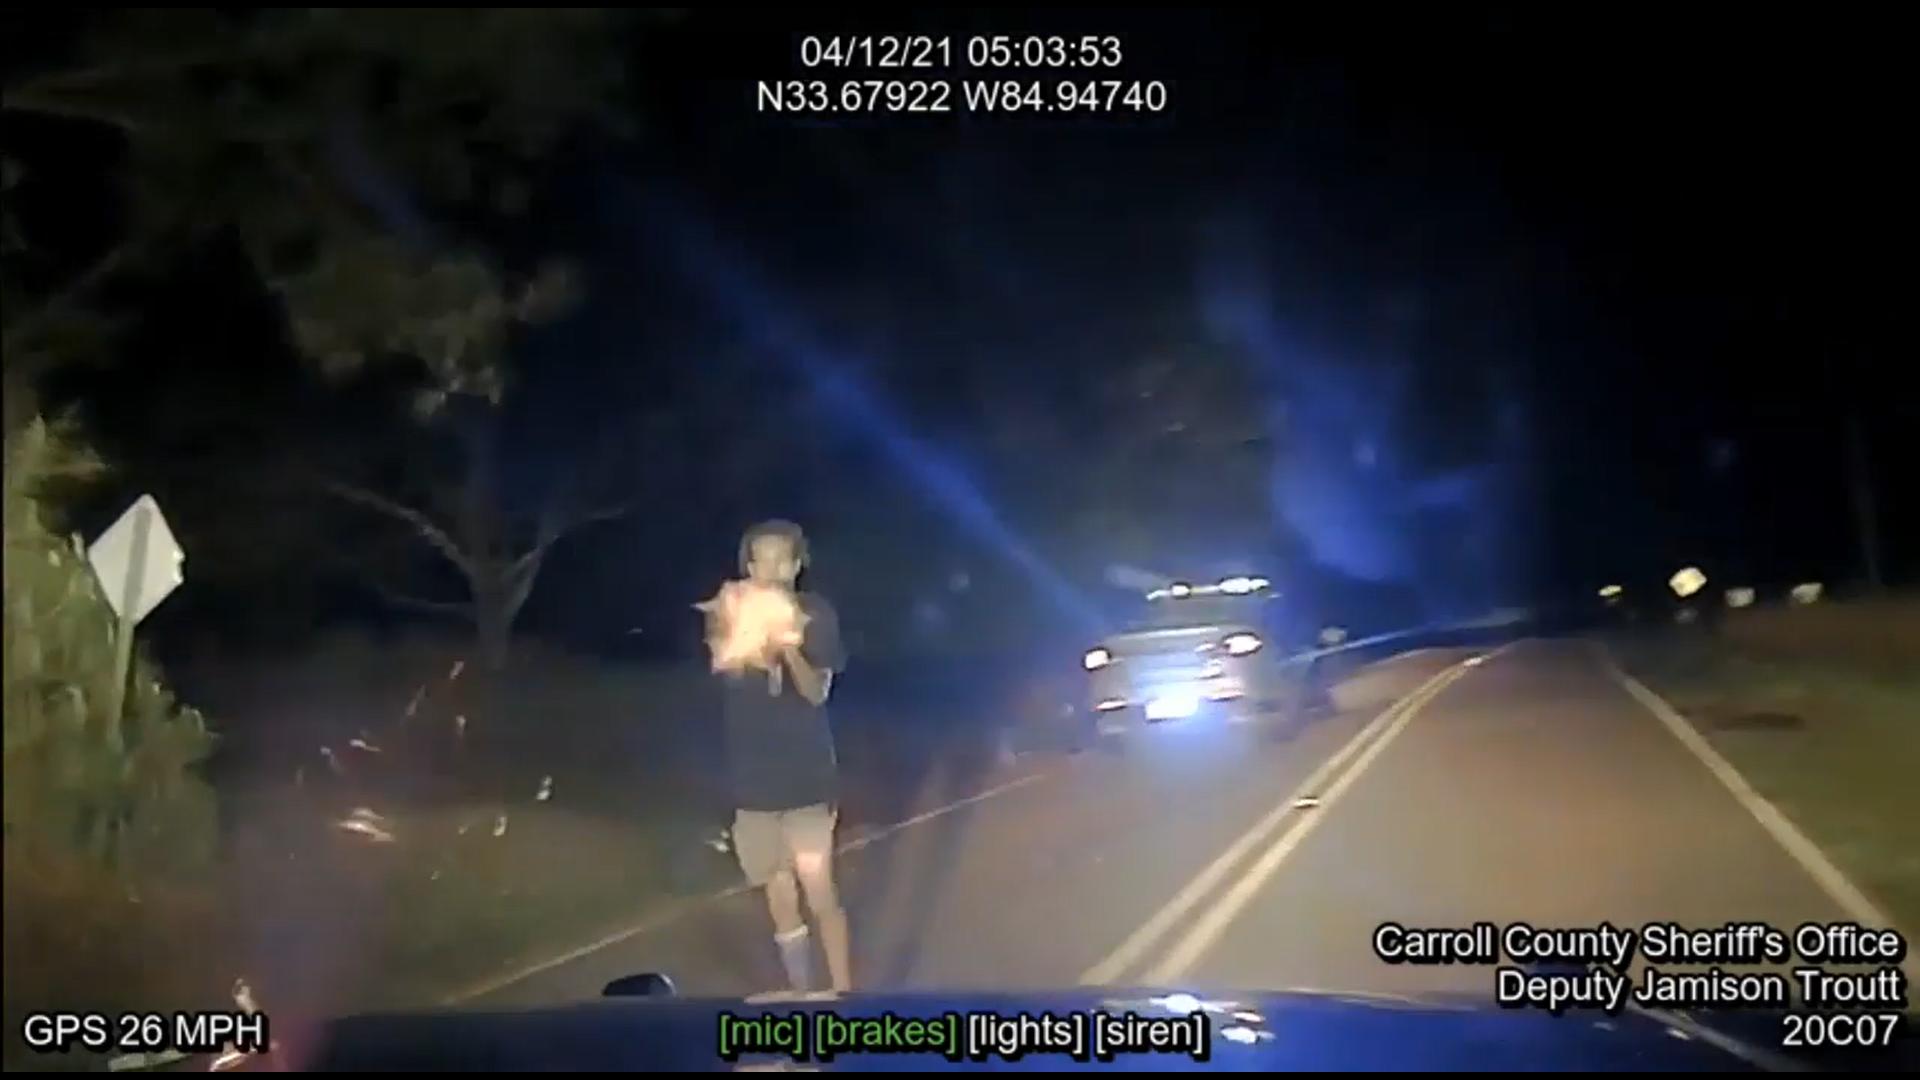 Dashcam: Deadly police shootout in Carroll County